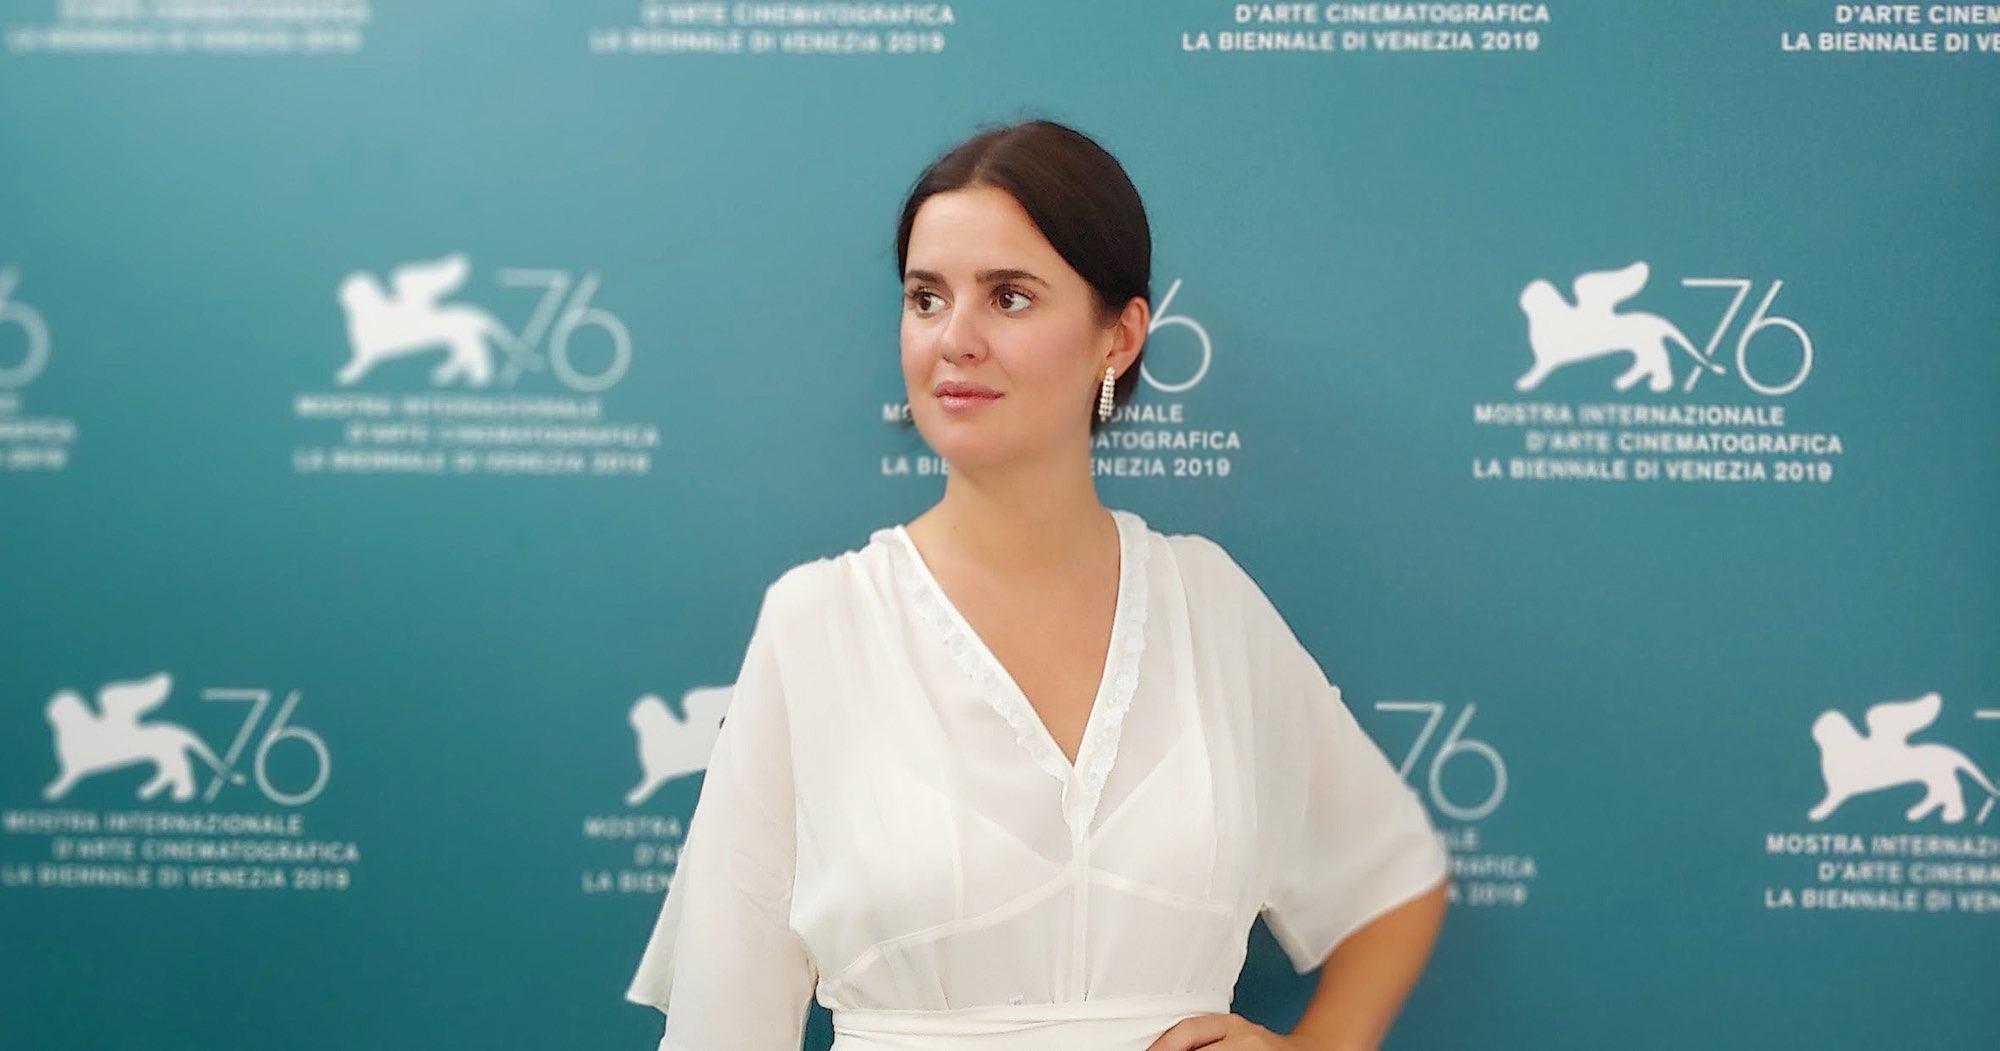 """Maria Chiara Venturini (classe 1992) è la giovane regista toscana di """"Fosca"""" uno dei cortometraggi italiani selezionati al Festival di Venezia"""